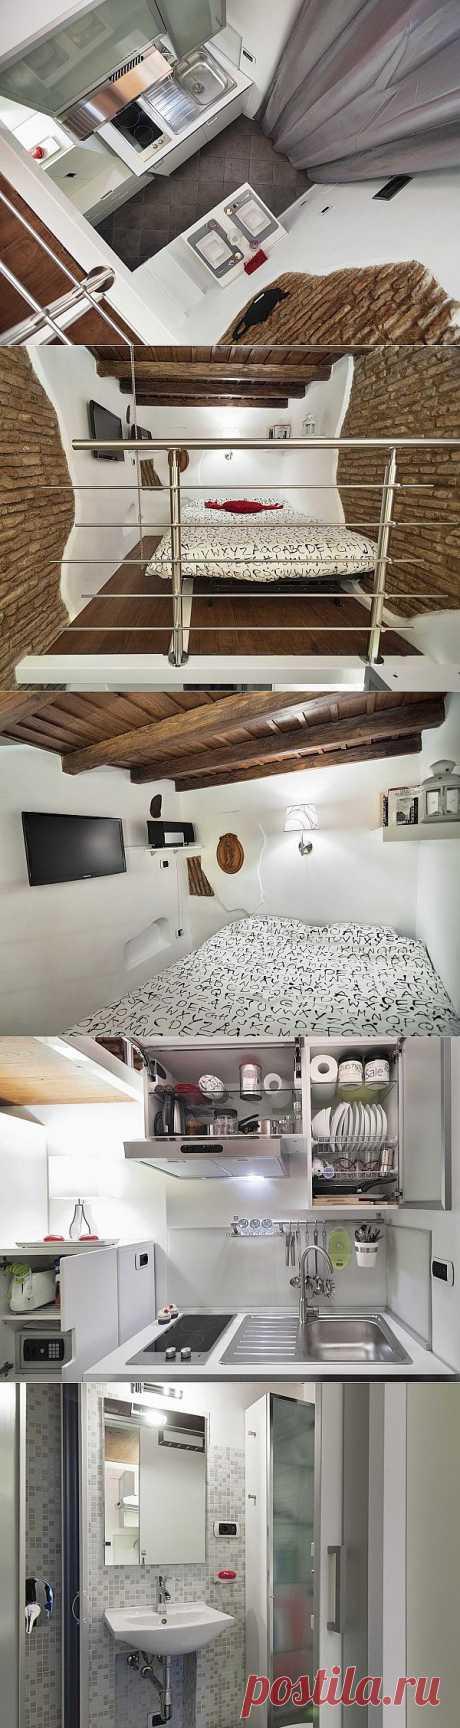 Smallest House: самая маленькая квартира в Италии | Идеи вашего дома | Архитектура и интерьер